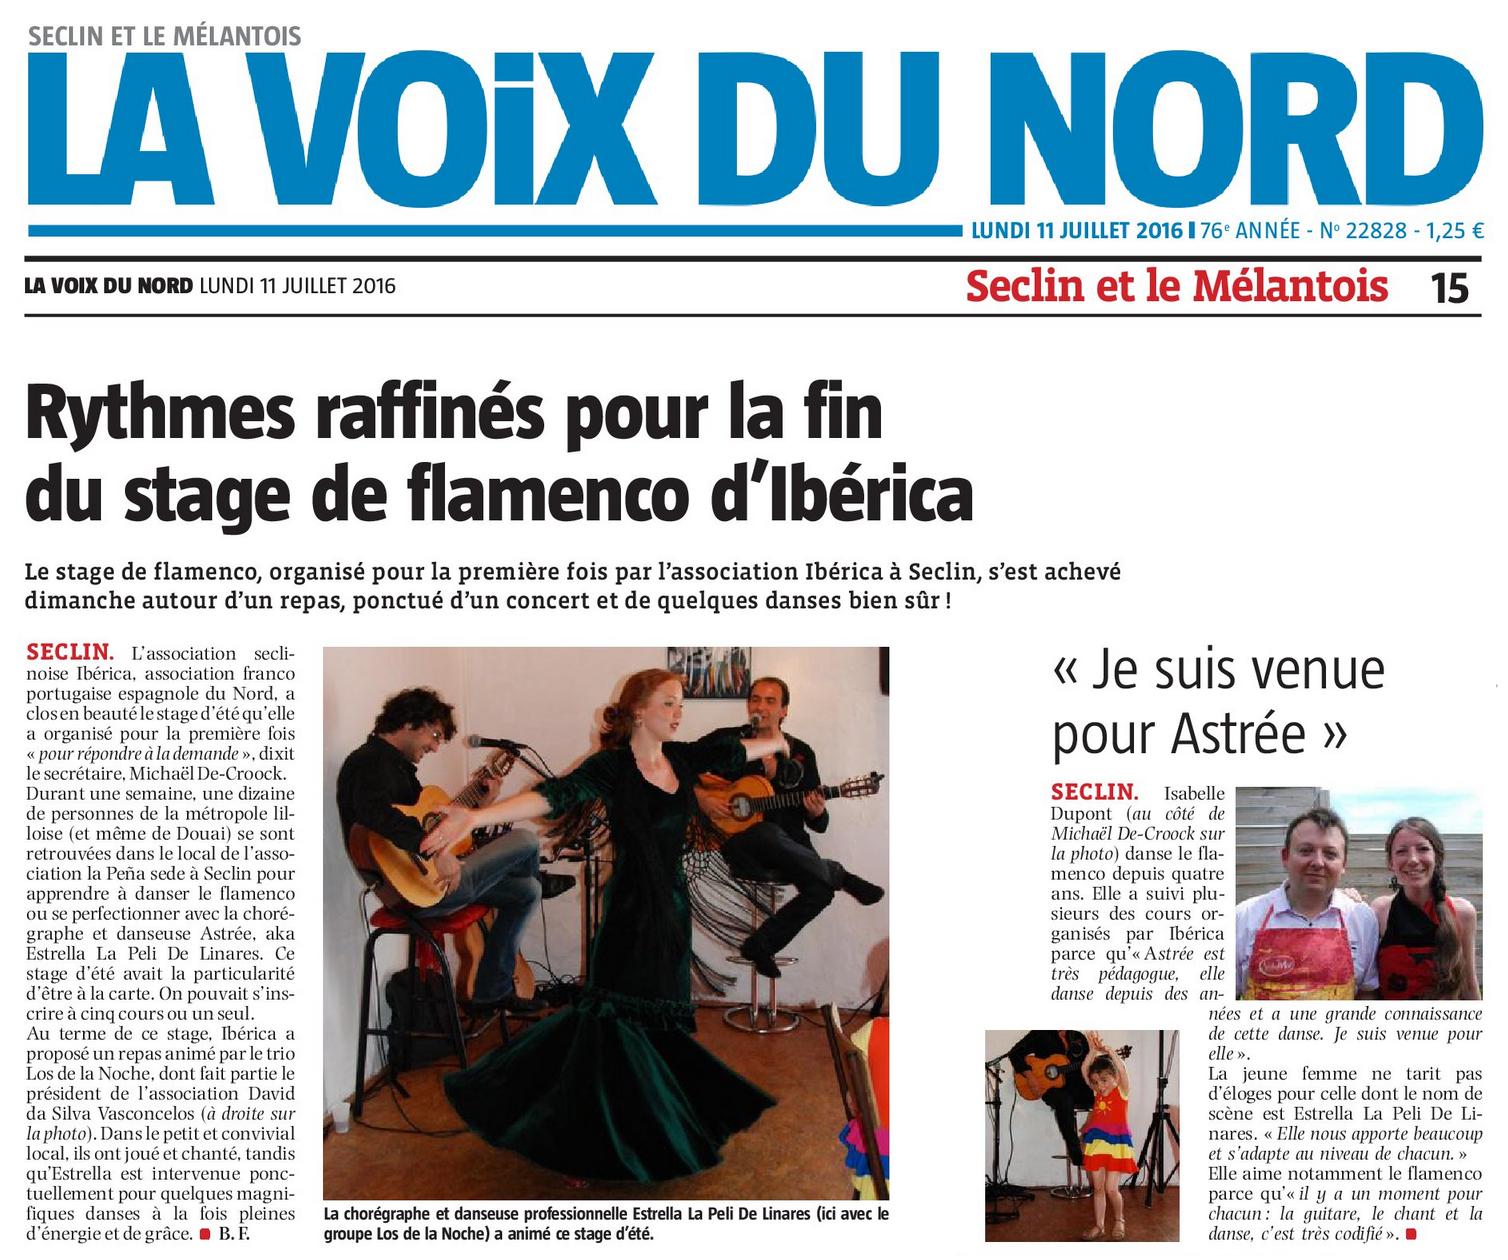 16 07 10 - flamenco los de la noche ibérica